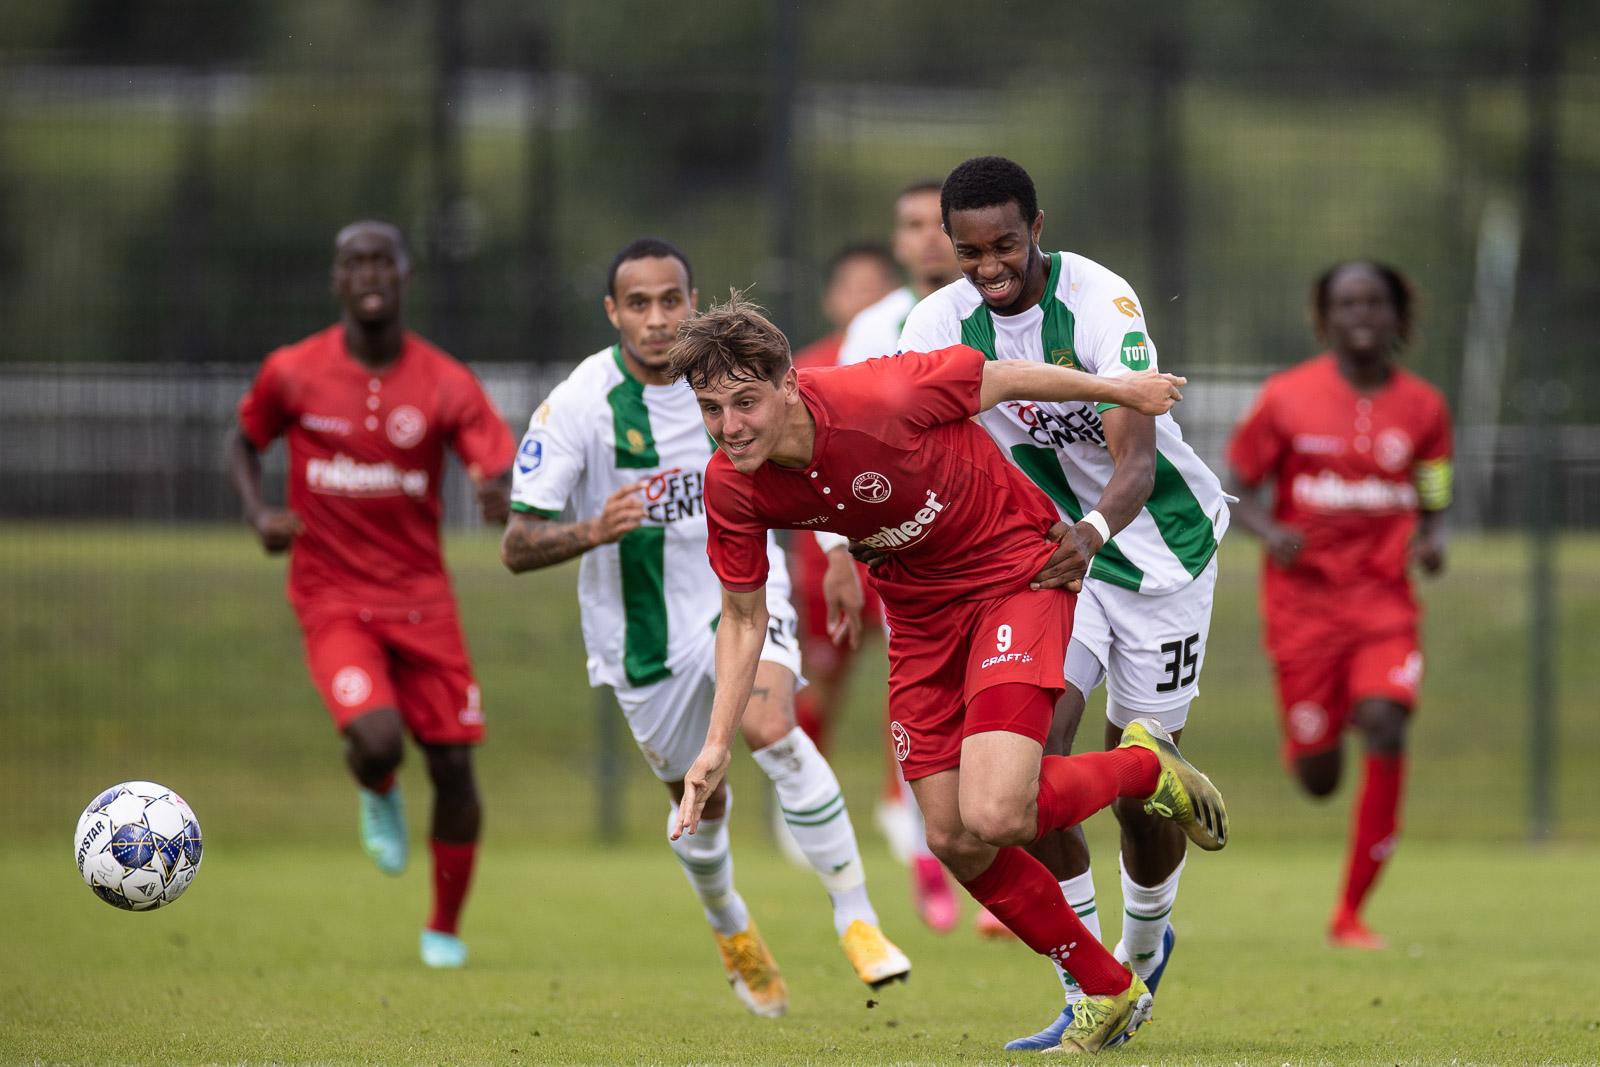 O21 legt het in oefenduel af tegen FC Groningen